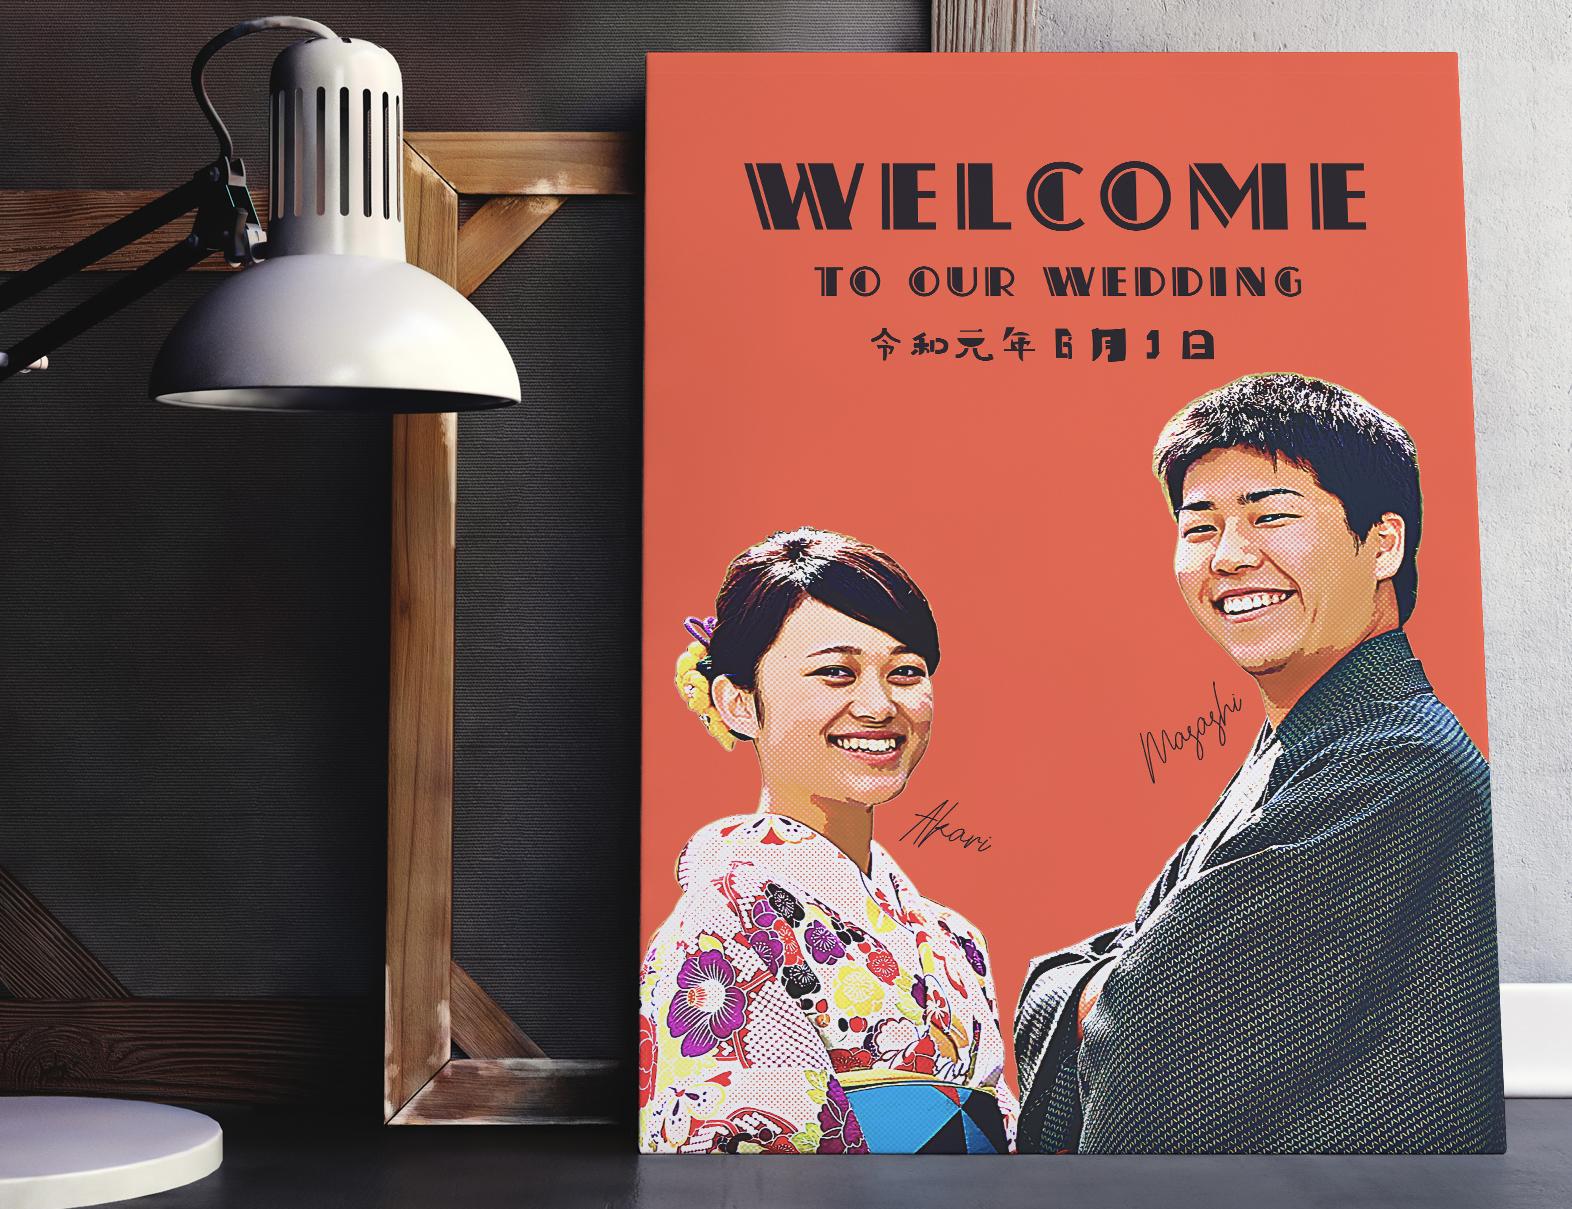 アメリカンポップアート おしゃれ写真ウェルカムボード│結婚式